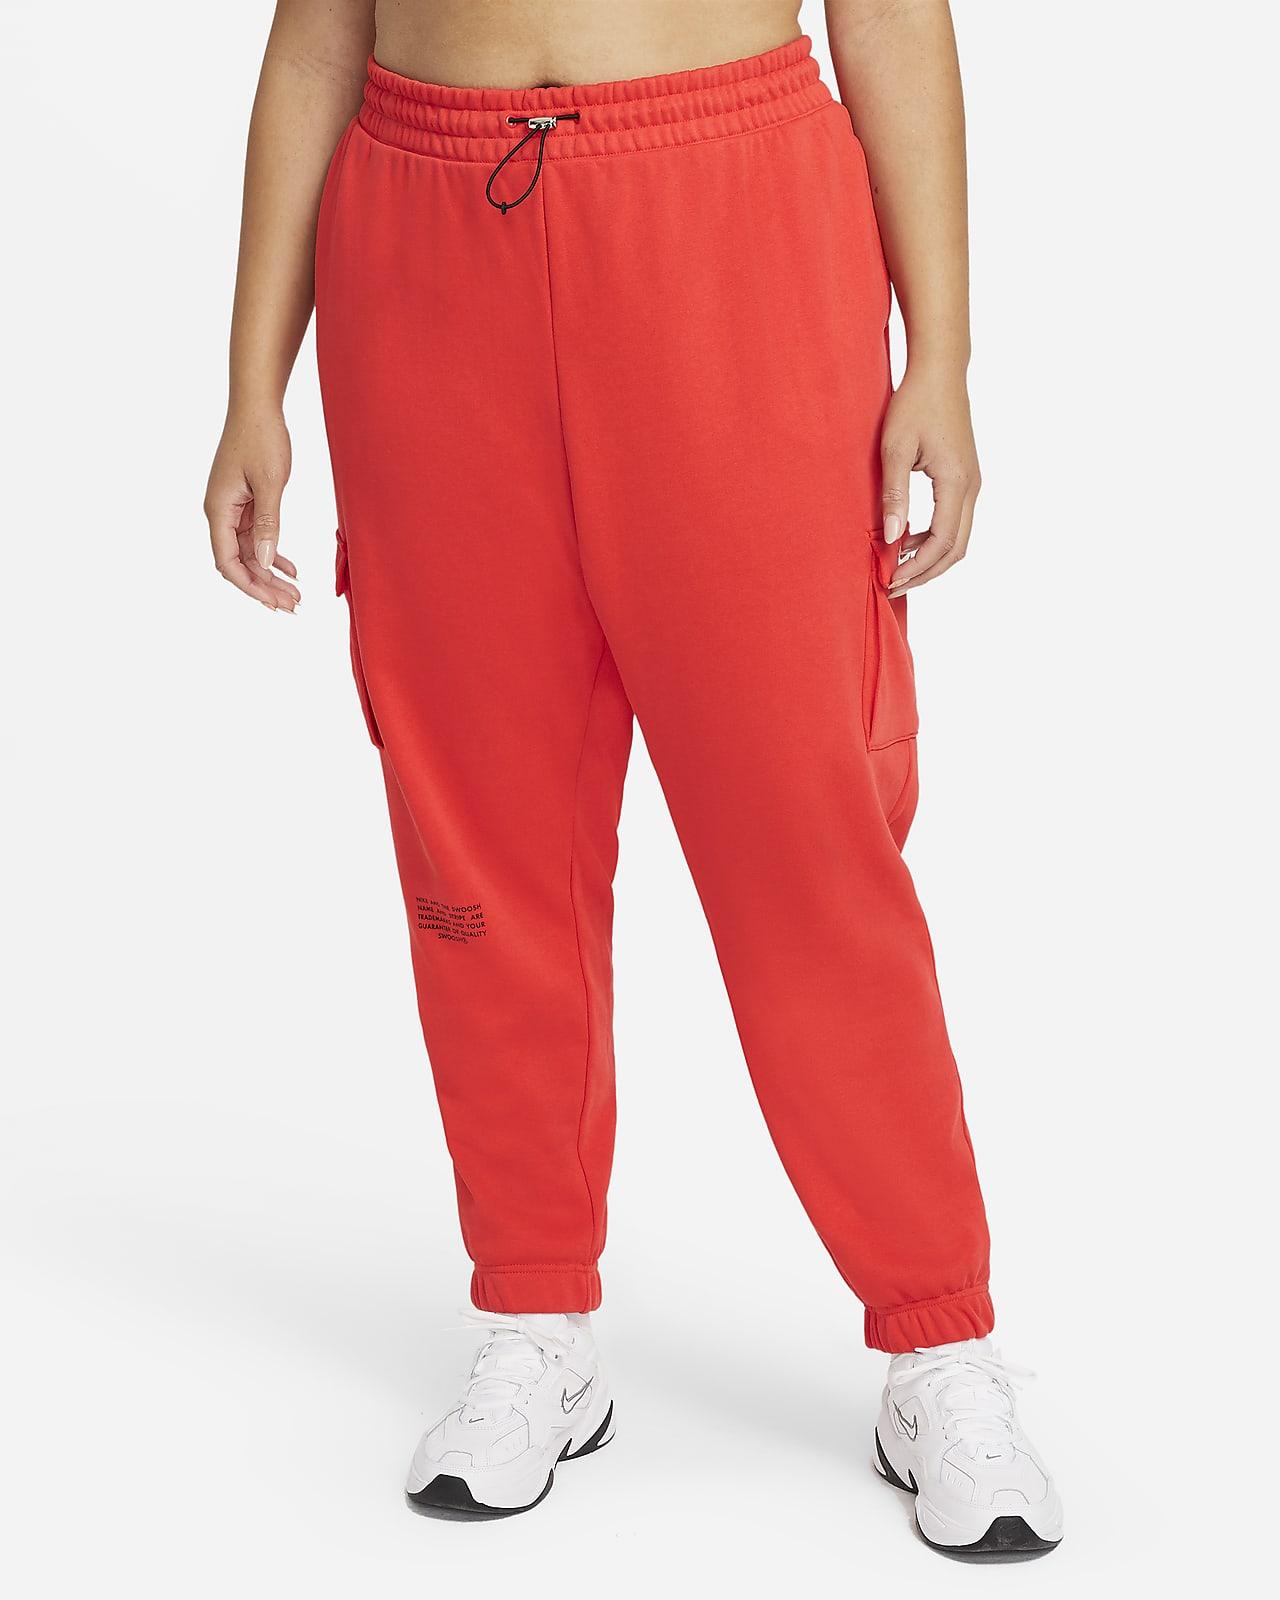 Nike Sportswear Swoosh Damenhose (große Größe)